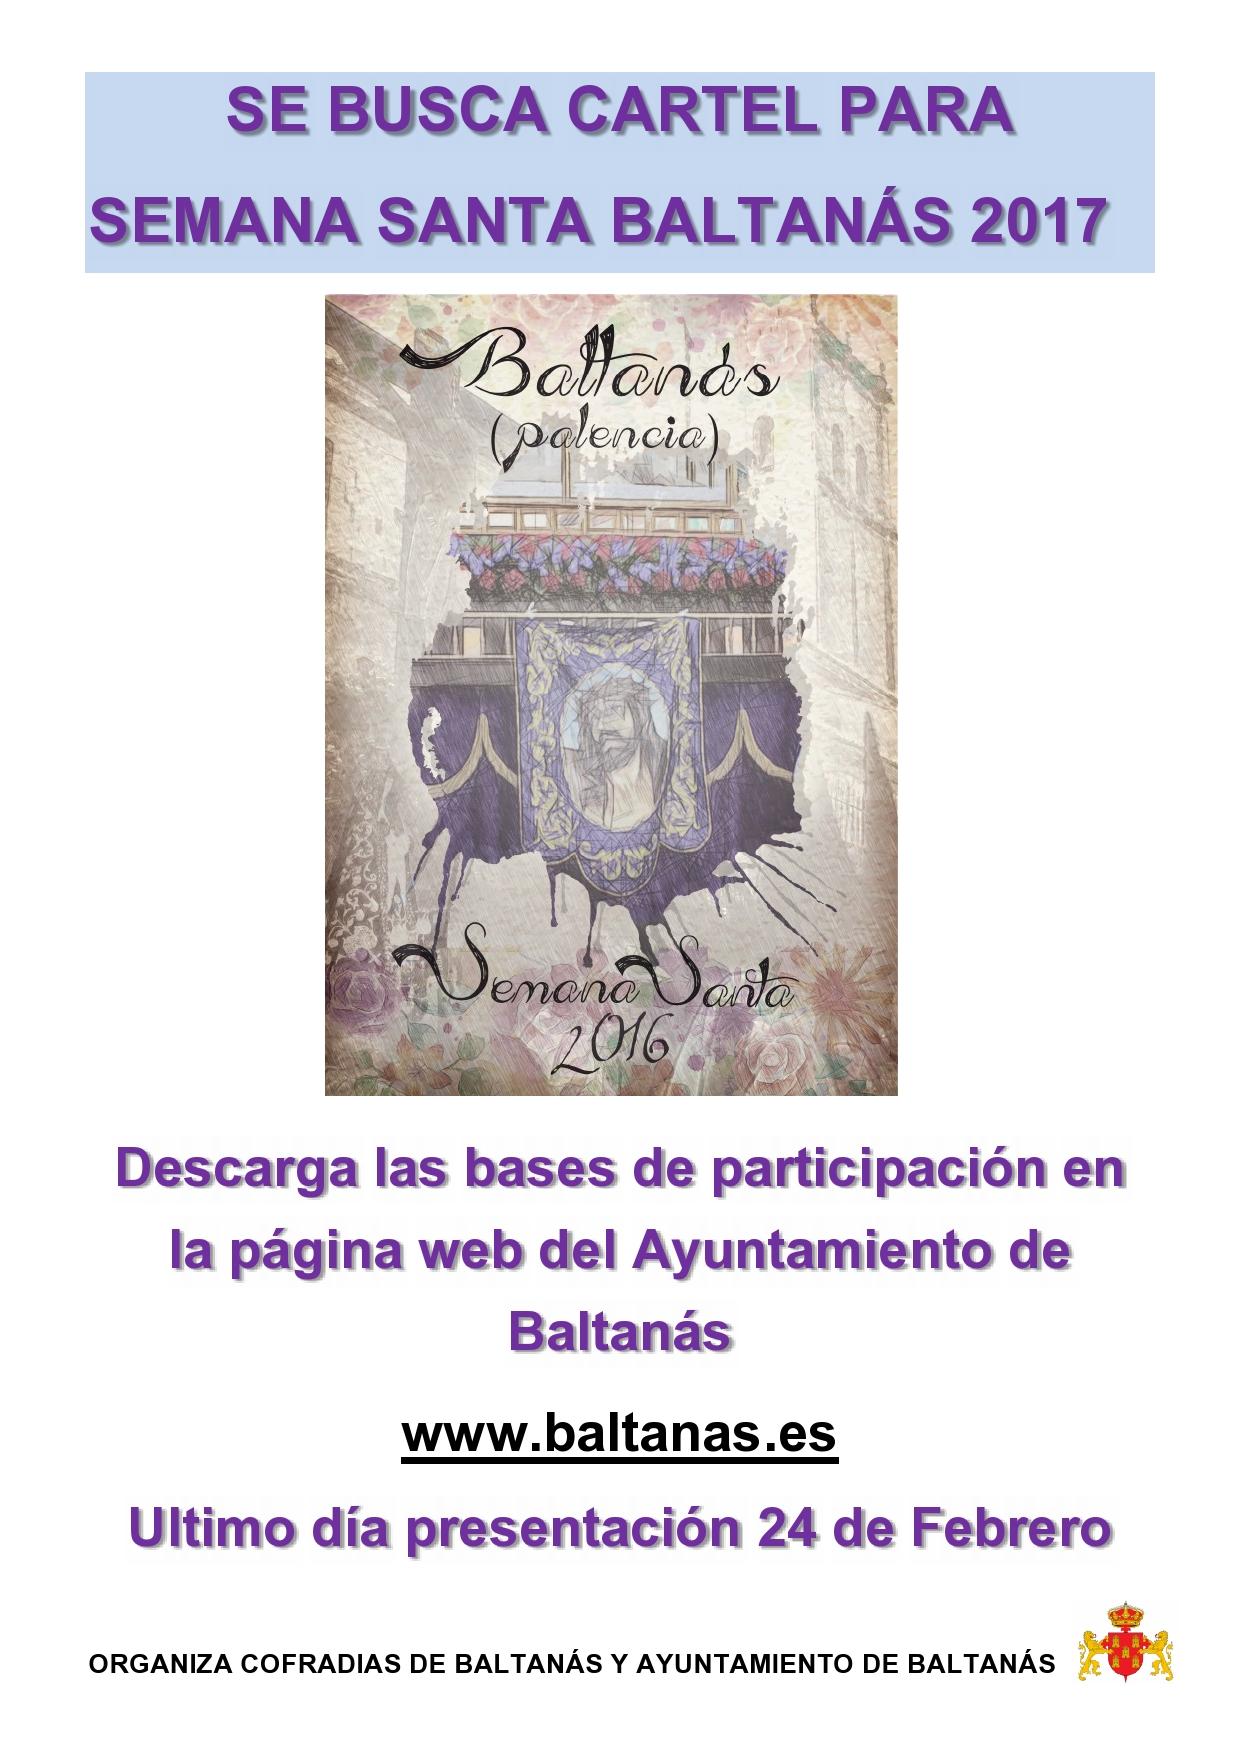 BASES DEL CONCURSO DE CARTEL PARA LA  SEMANA SANTA BALTANASIEGA 2017